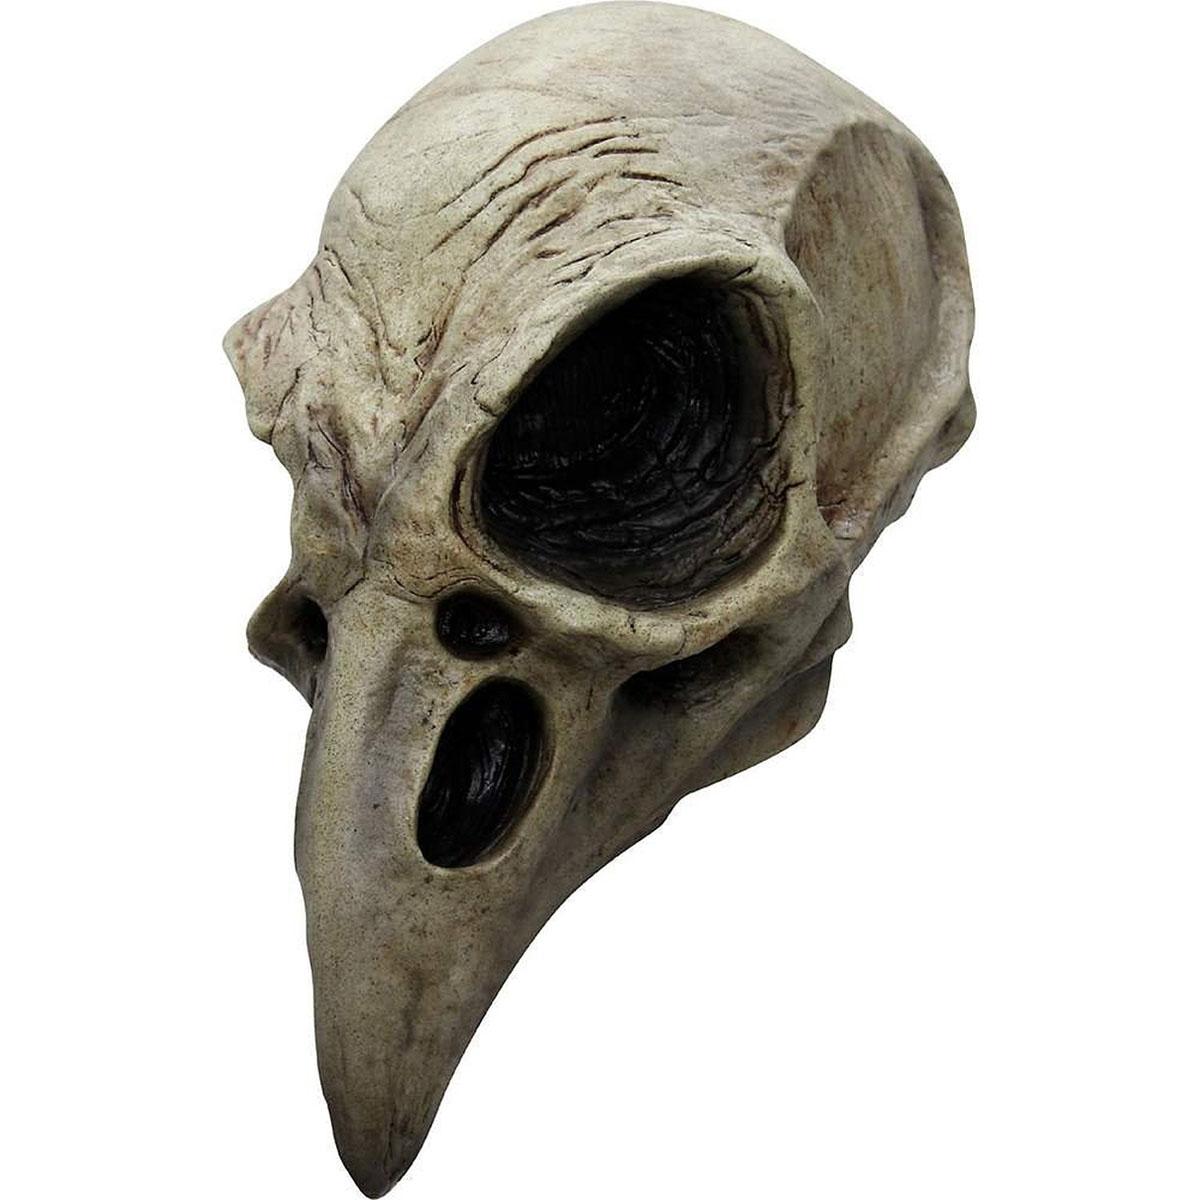 ハロウィンホラーマスクがいこつスカルがい骨かぶりものコスプレ恐怖グッズお化け悪魔